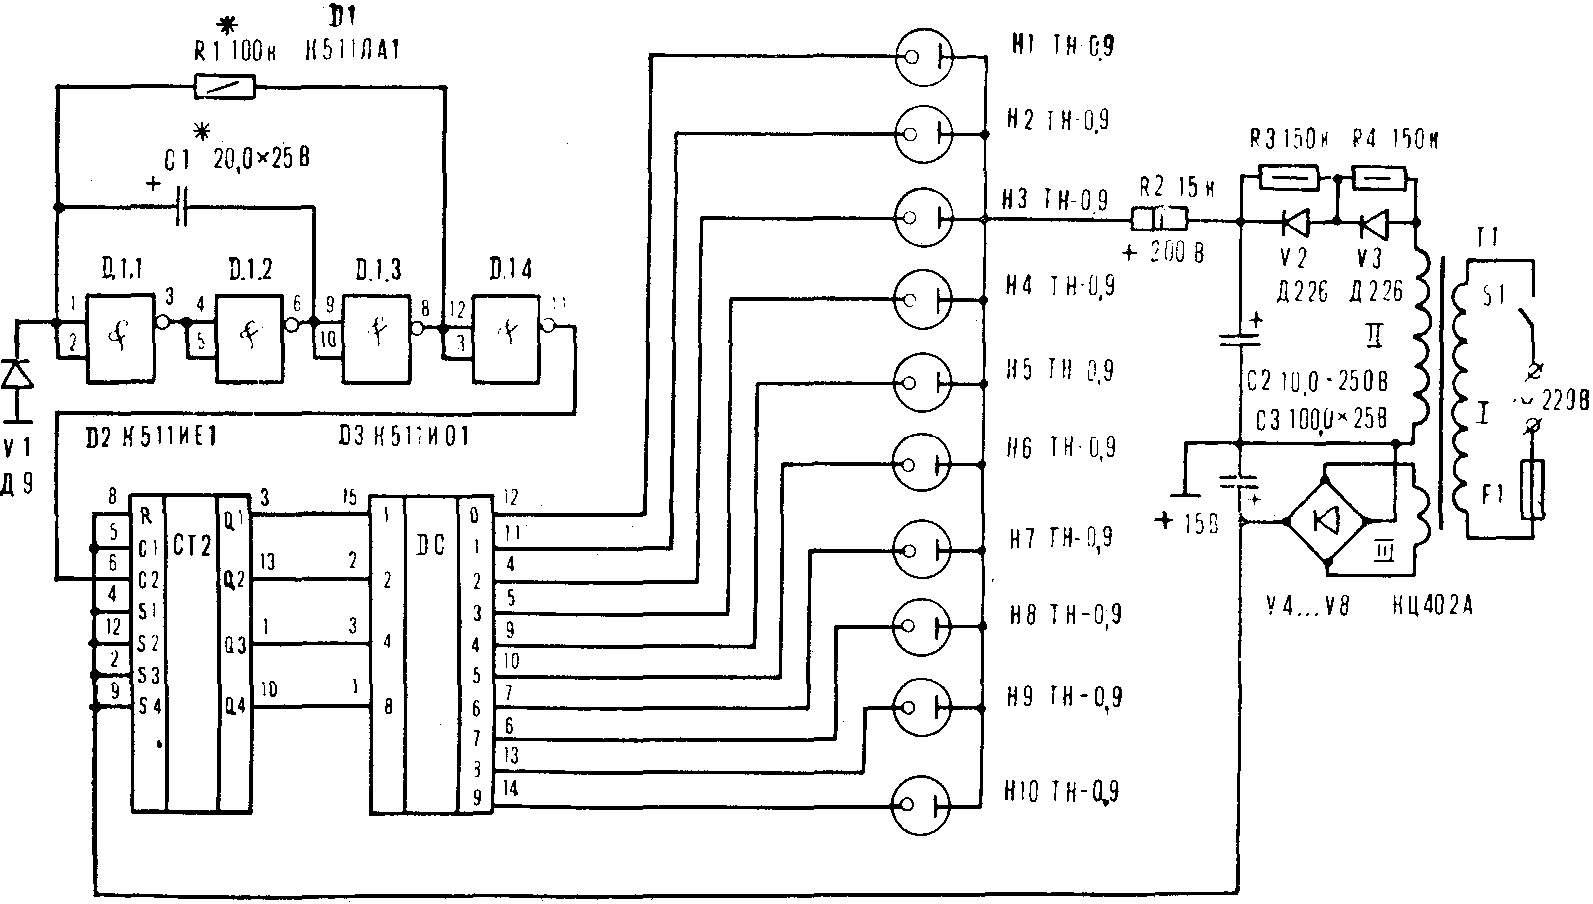 Рис. 1. Принципиальная электрическая схема устройства «бегущий огонь».